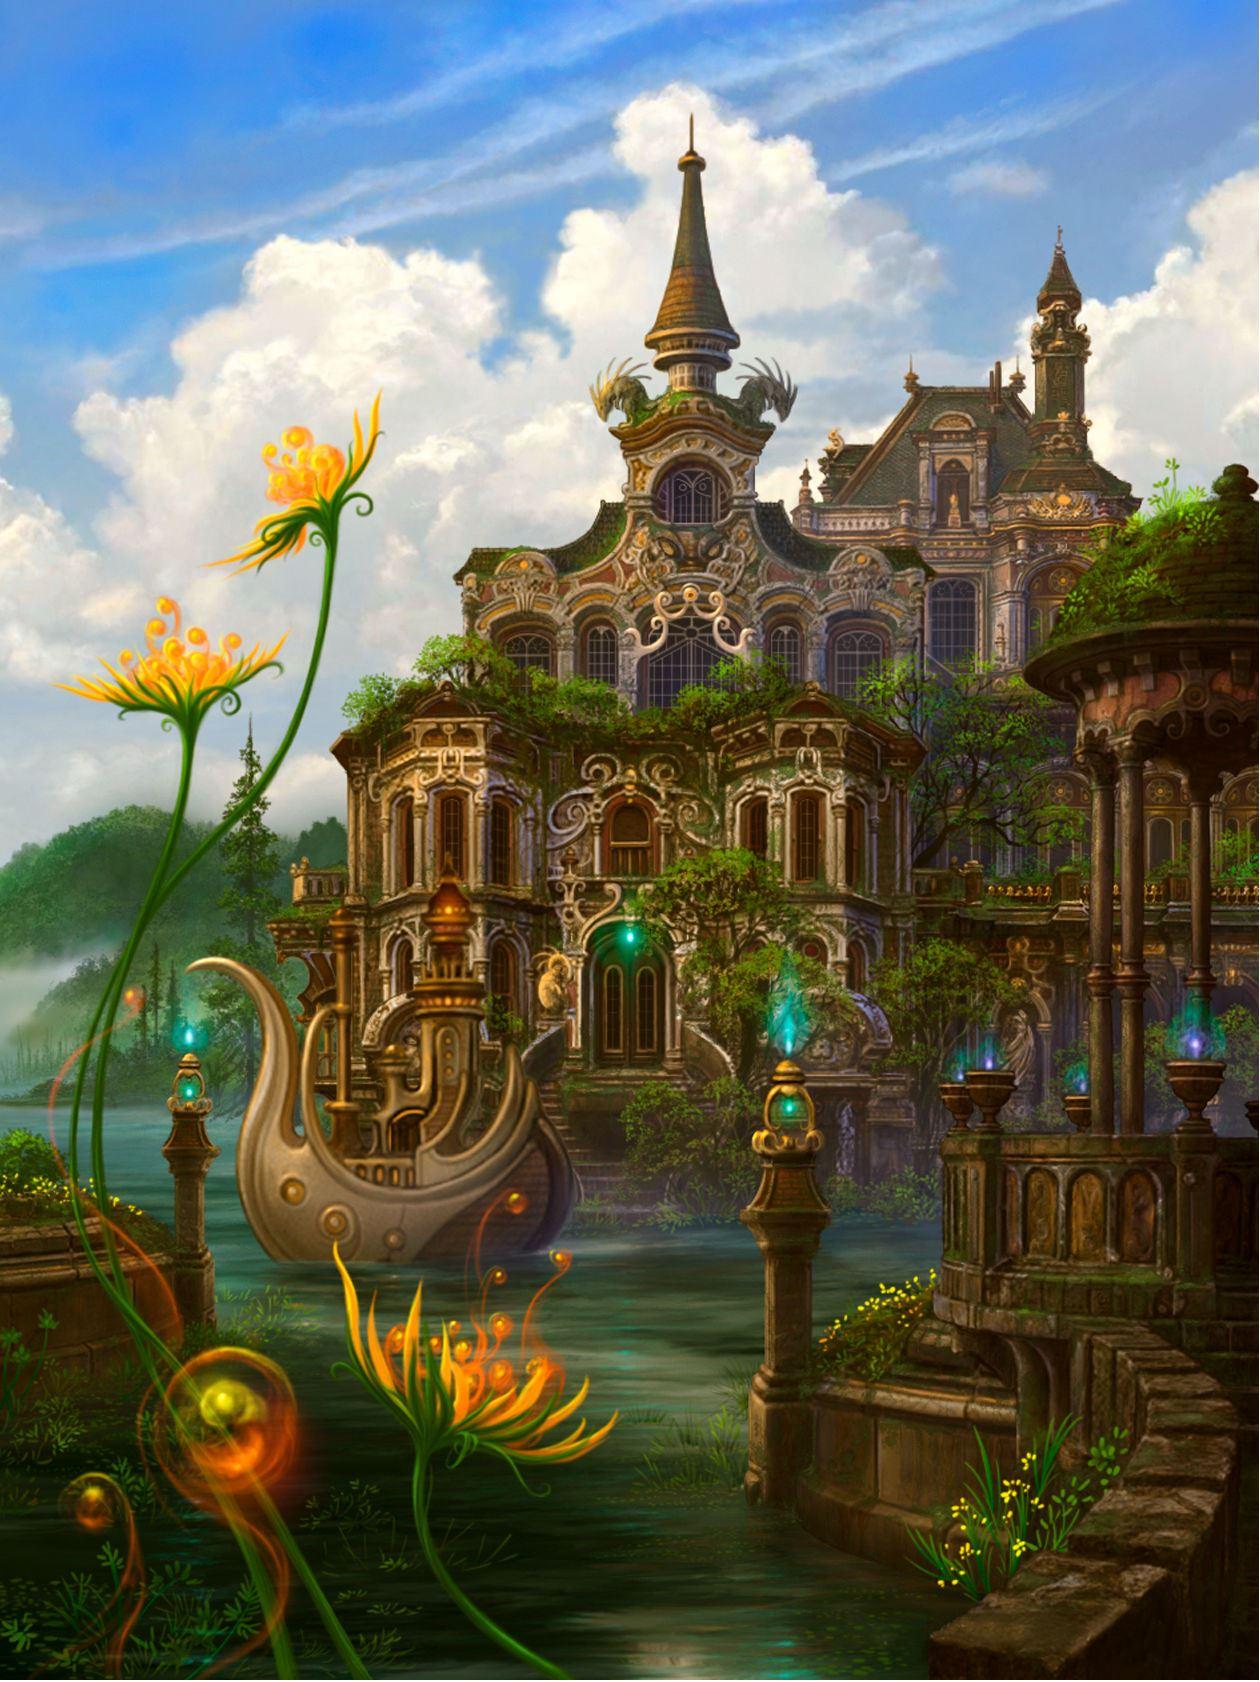 фантастические сказочные миры картинки иначе